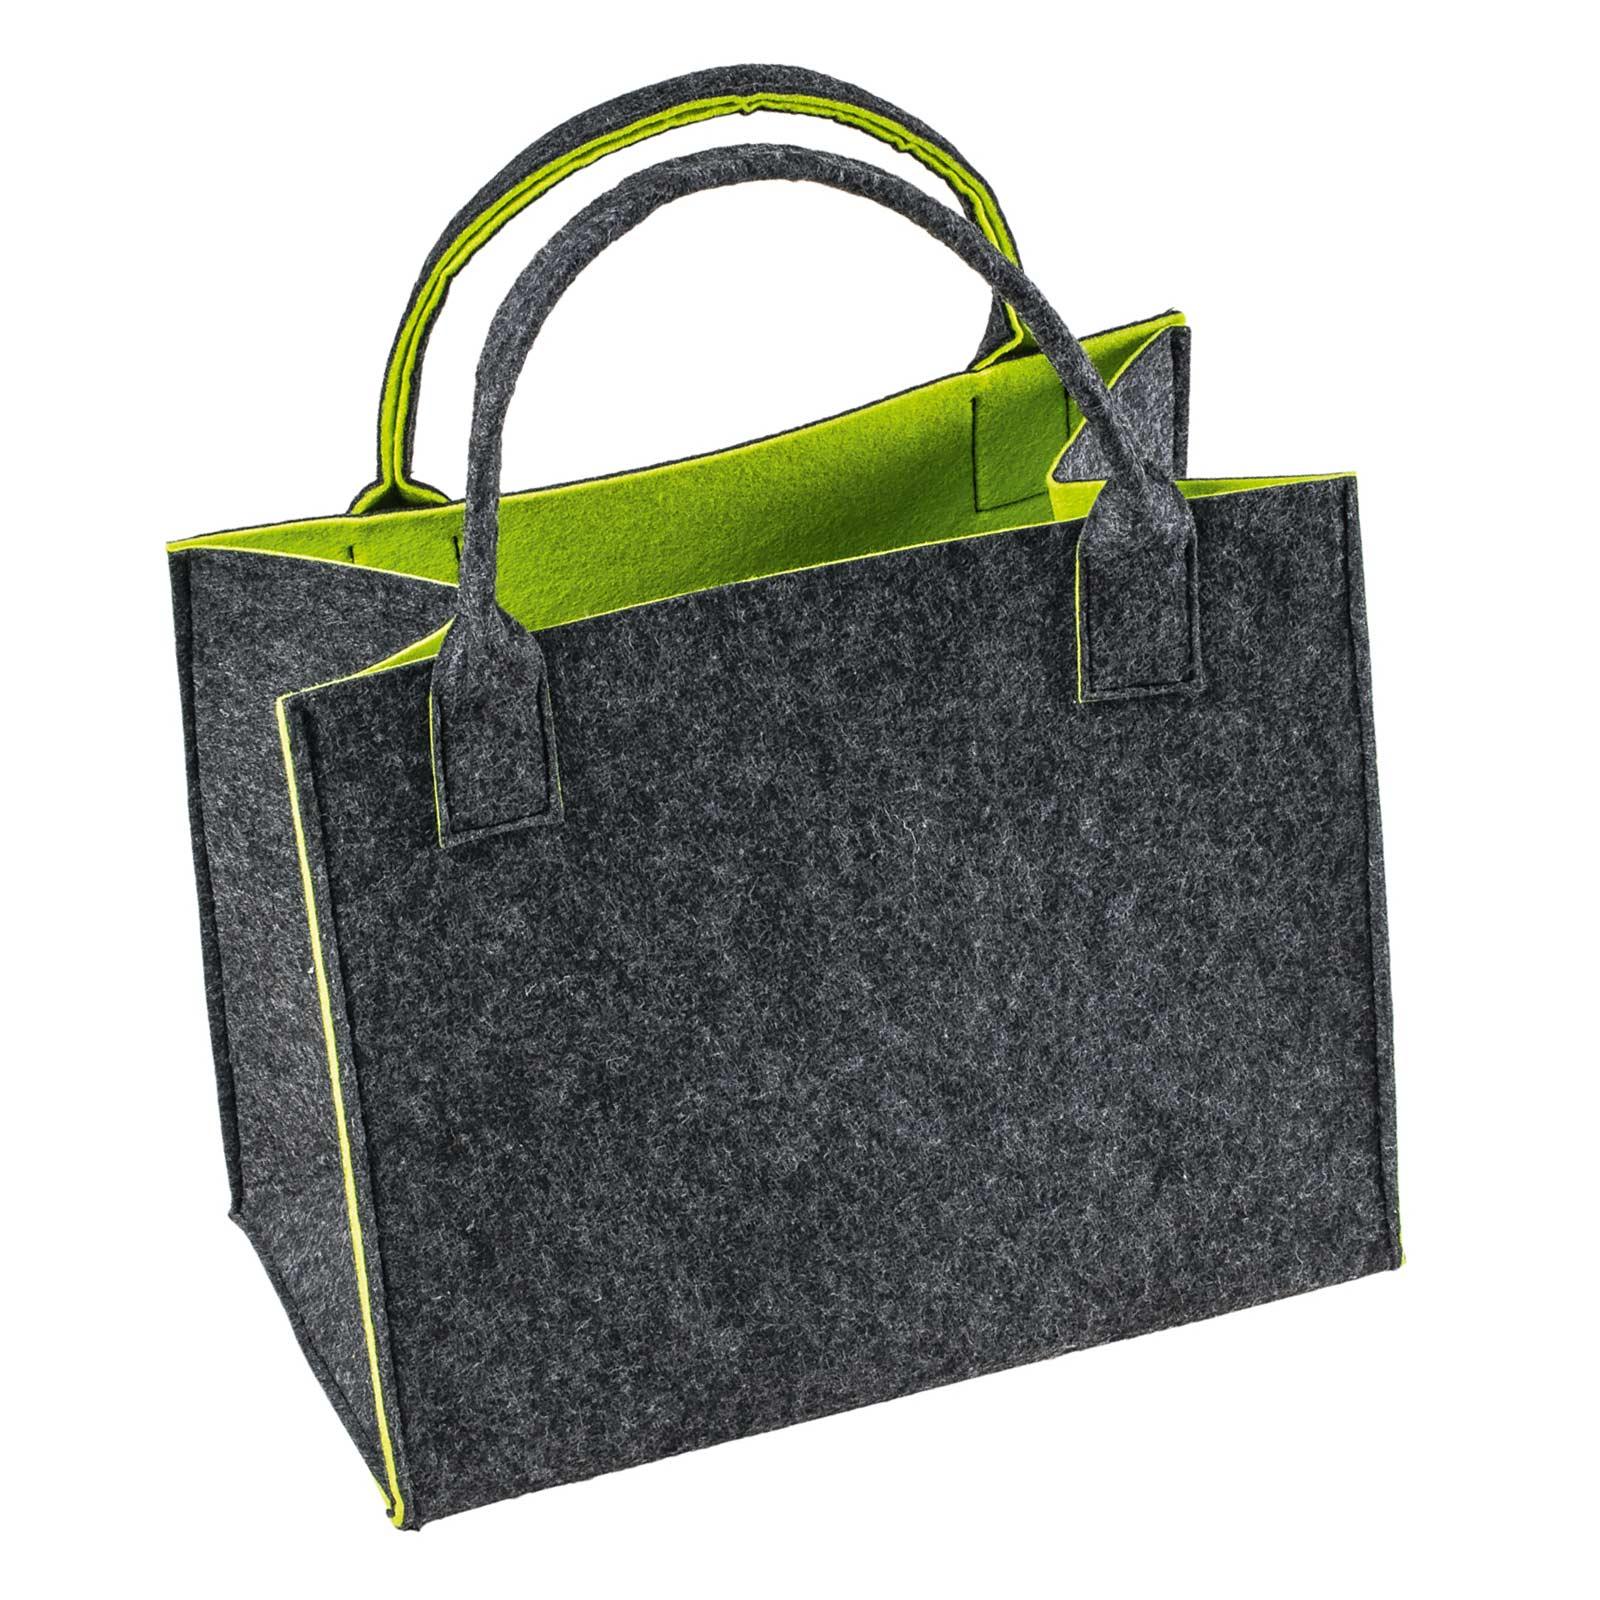 Filztasche 35x20x43cm Einkaufstasche Handtasche Shopper 2-farbig o. Motiv – Bild 2